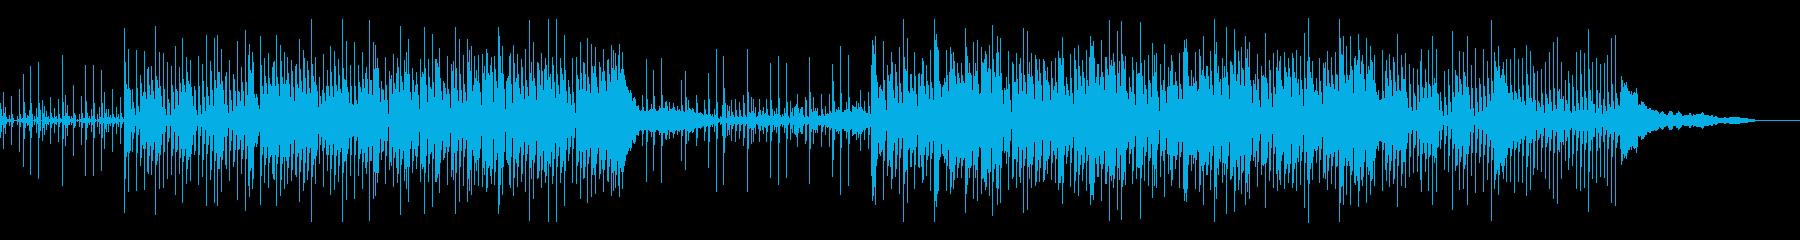 無機質、機械的なシネマティックの再生済みの波形